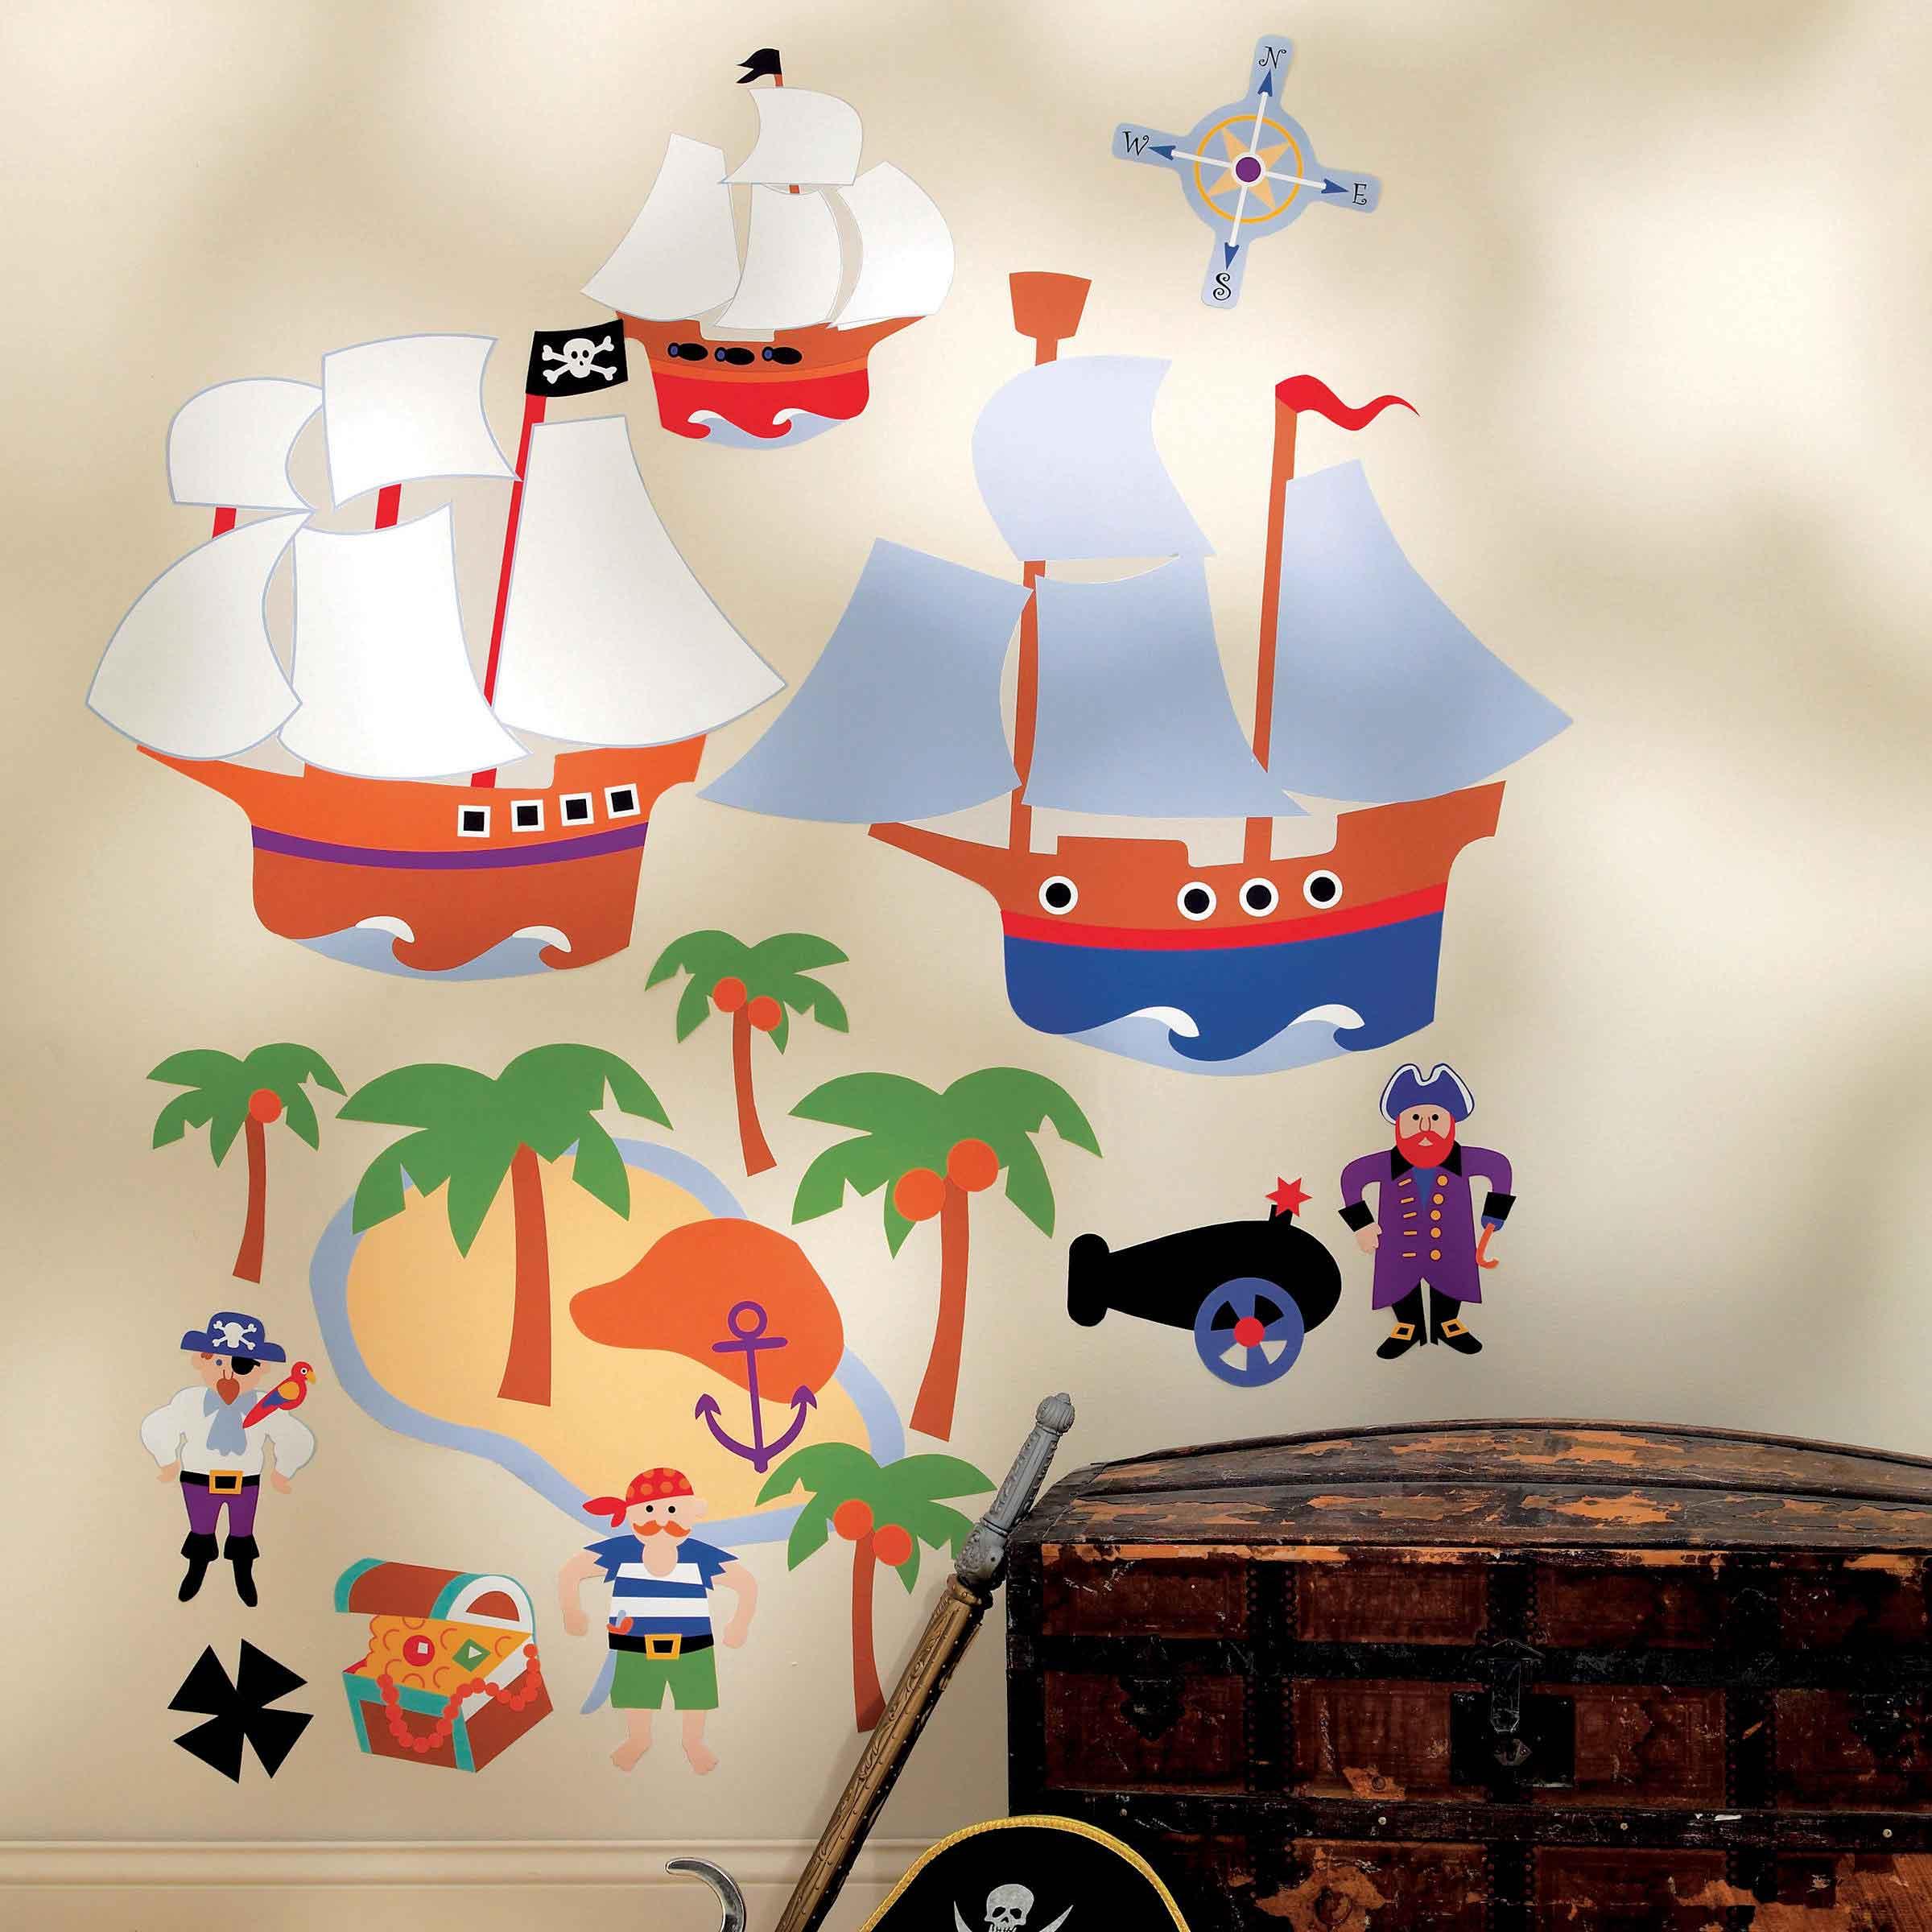 Wallies wandsticker wandbild piraten kinderzimmer jungen - Wandsticker kinderzimmer jungen ...